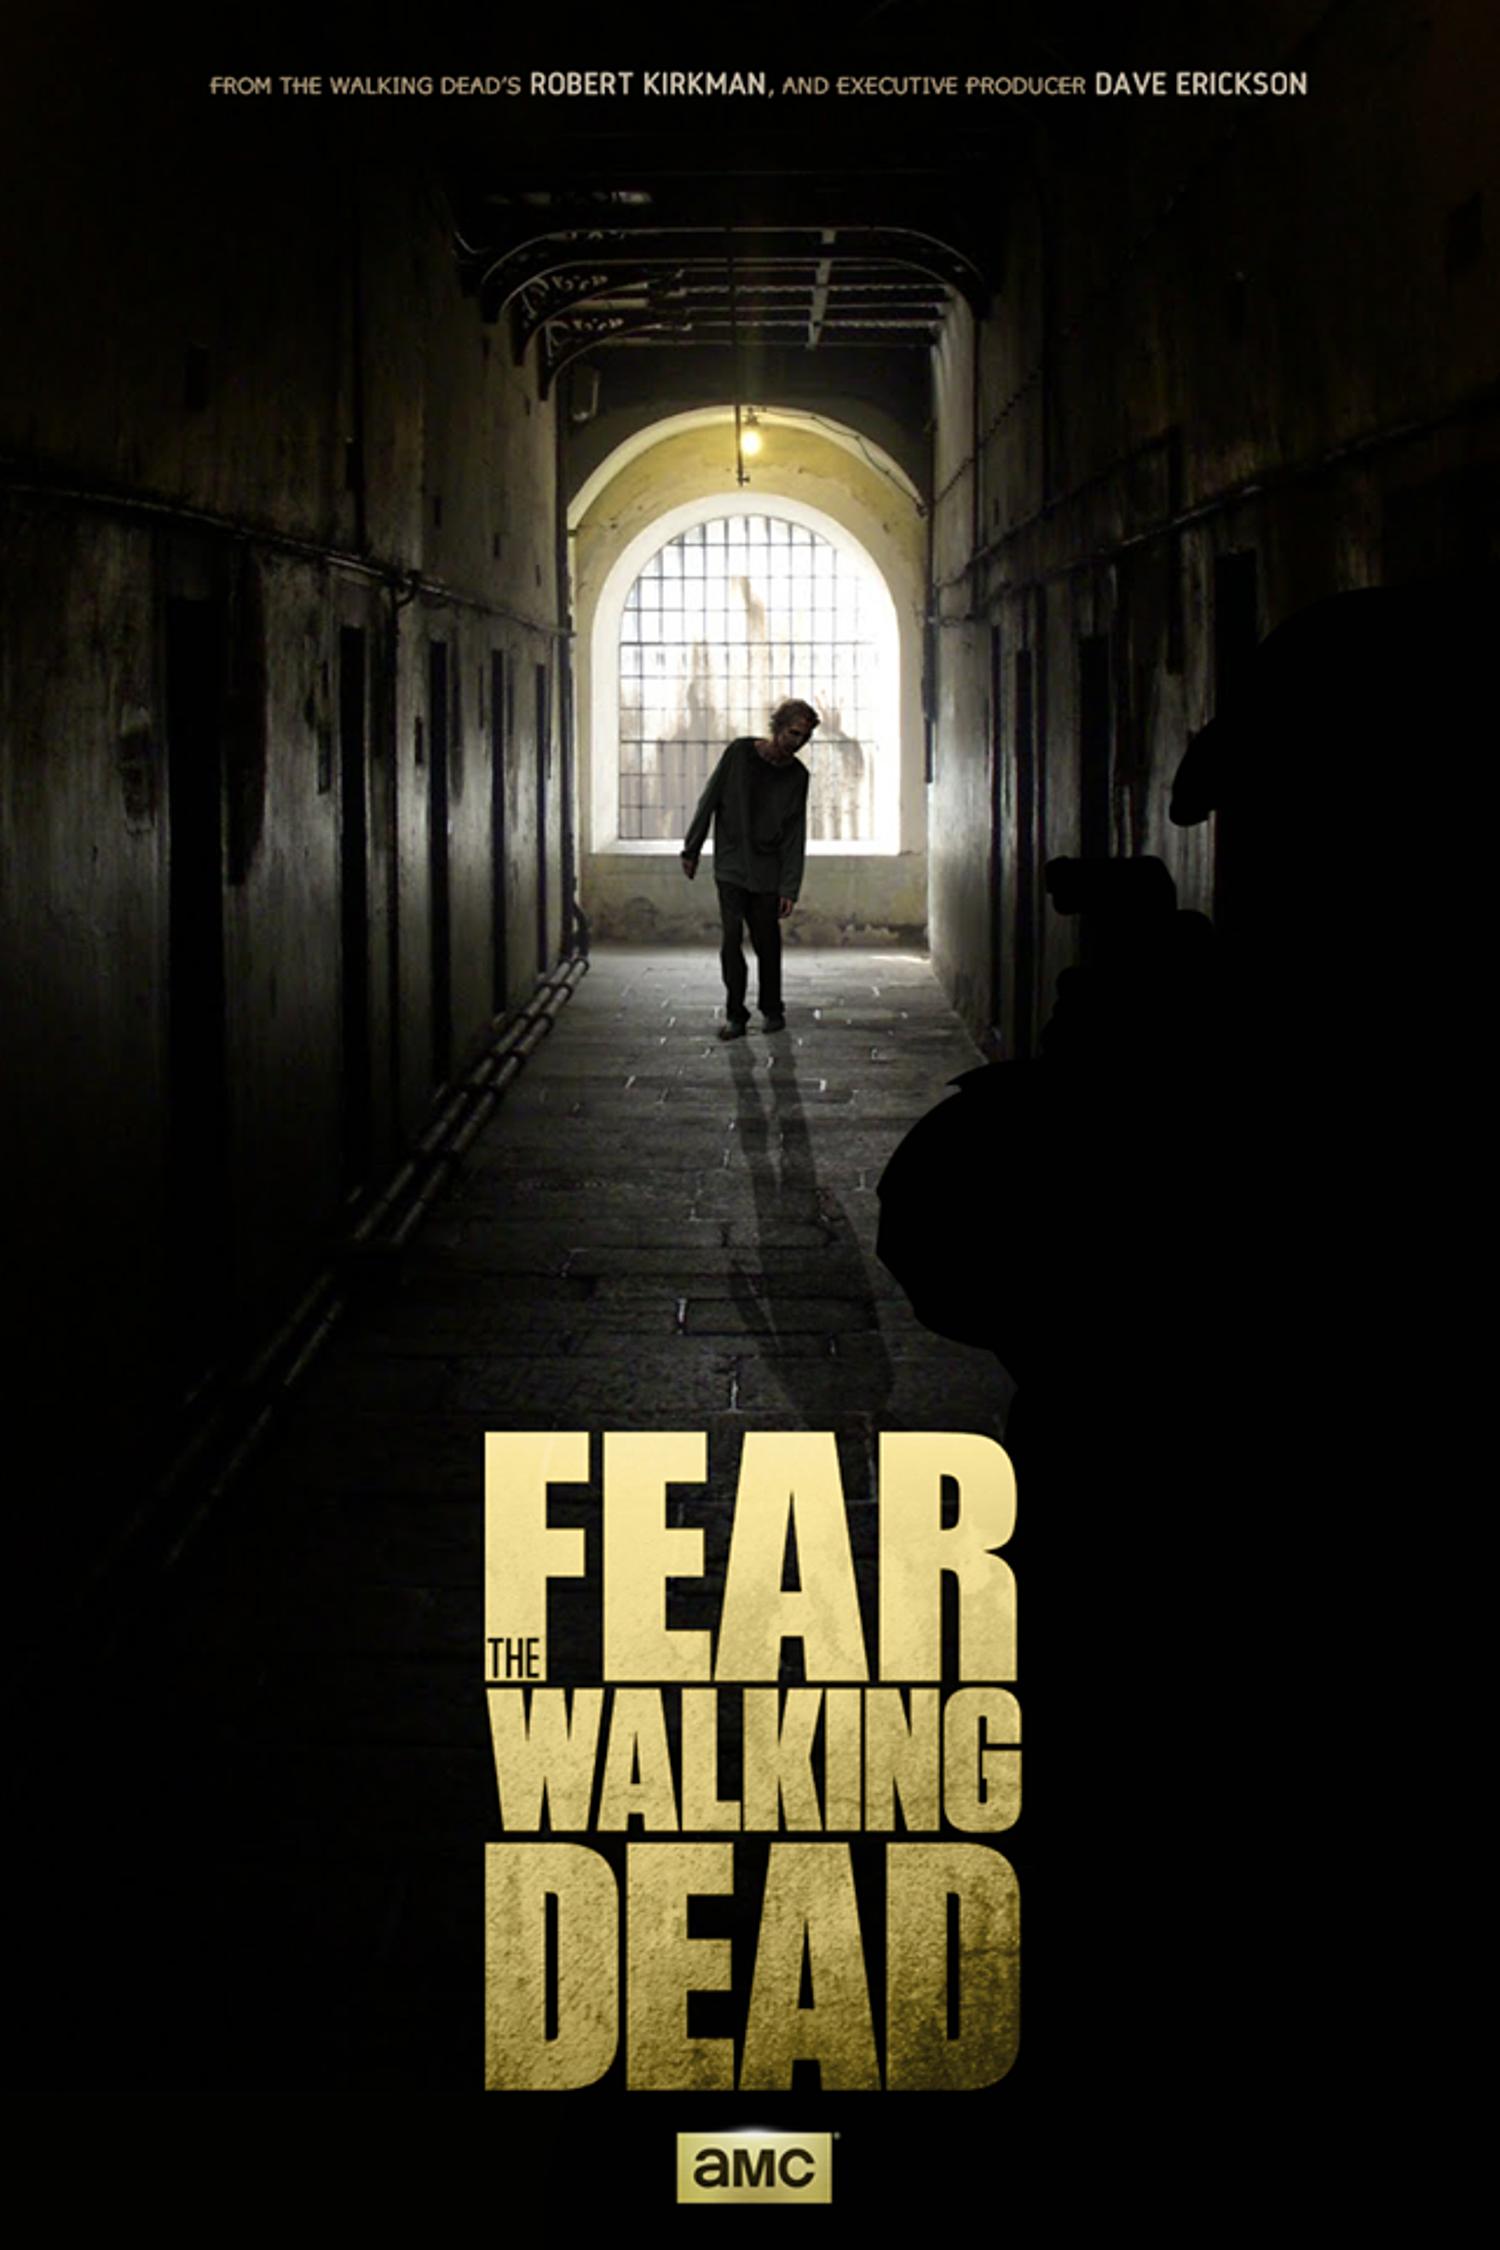 file_747345_FearWalkingDead